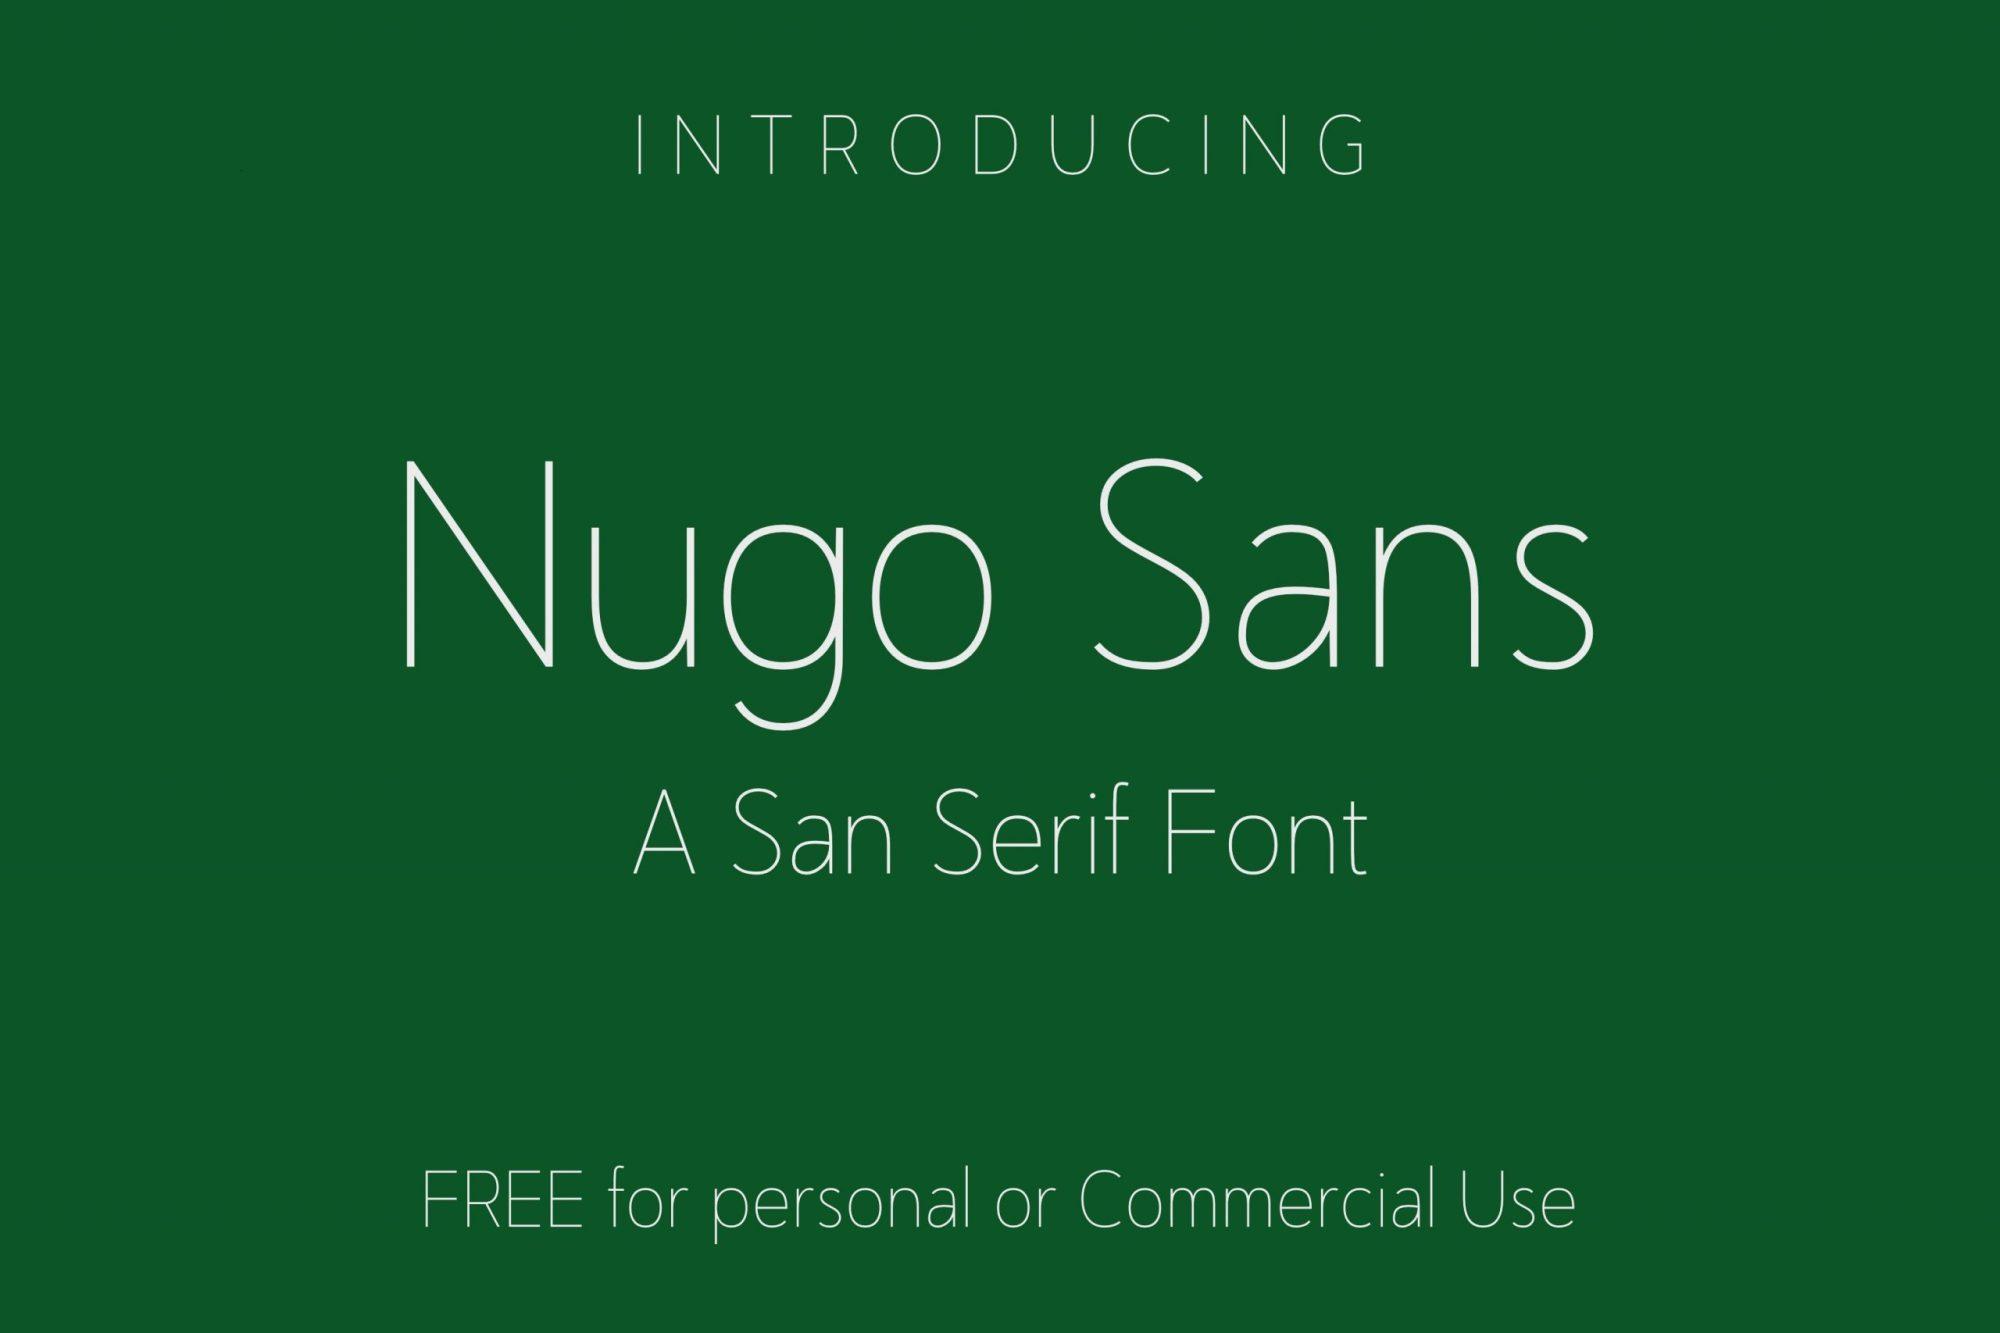 Nugo-Free-Sans-Serif-Font-1-scaled